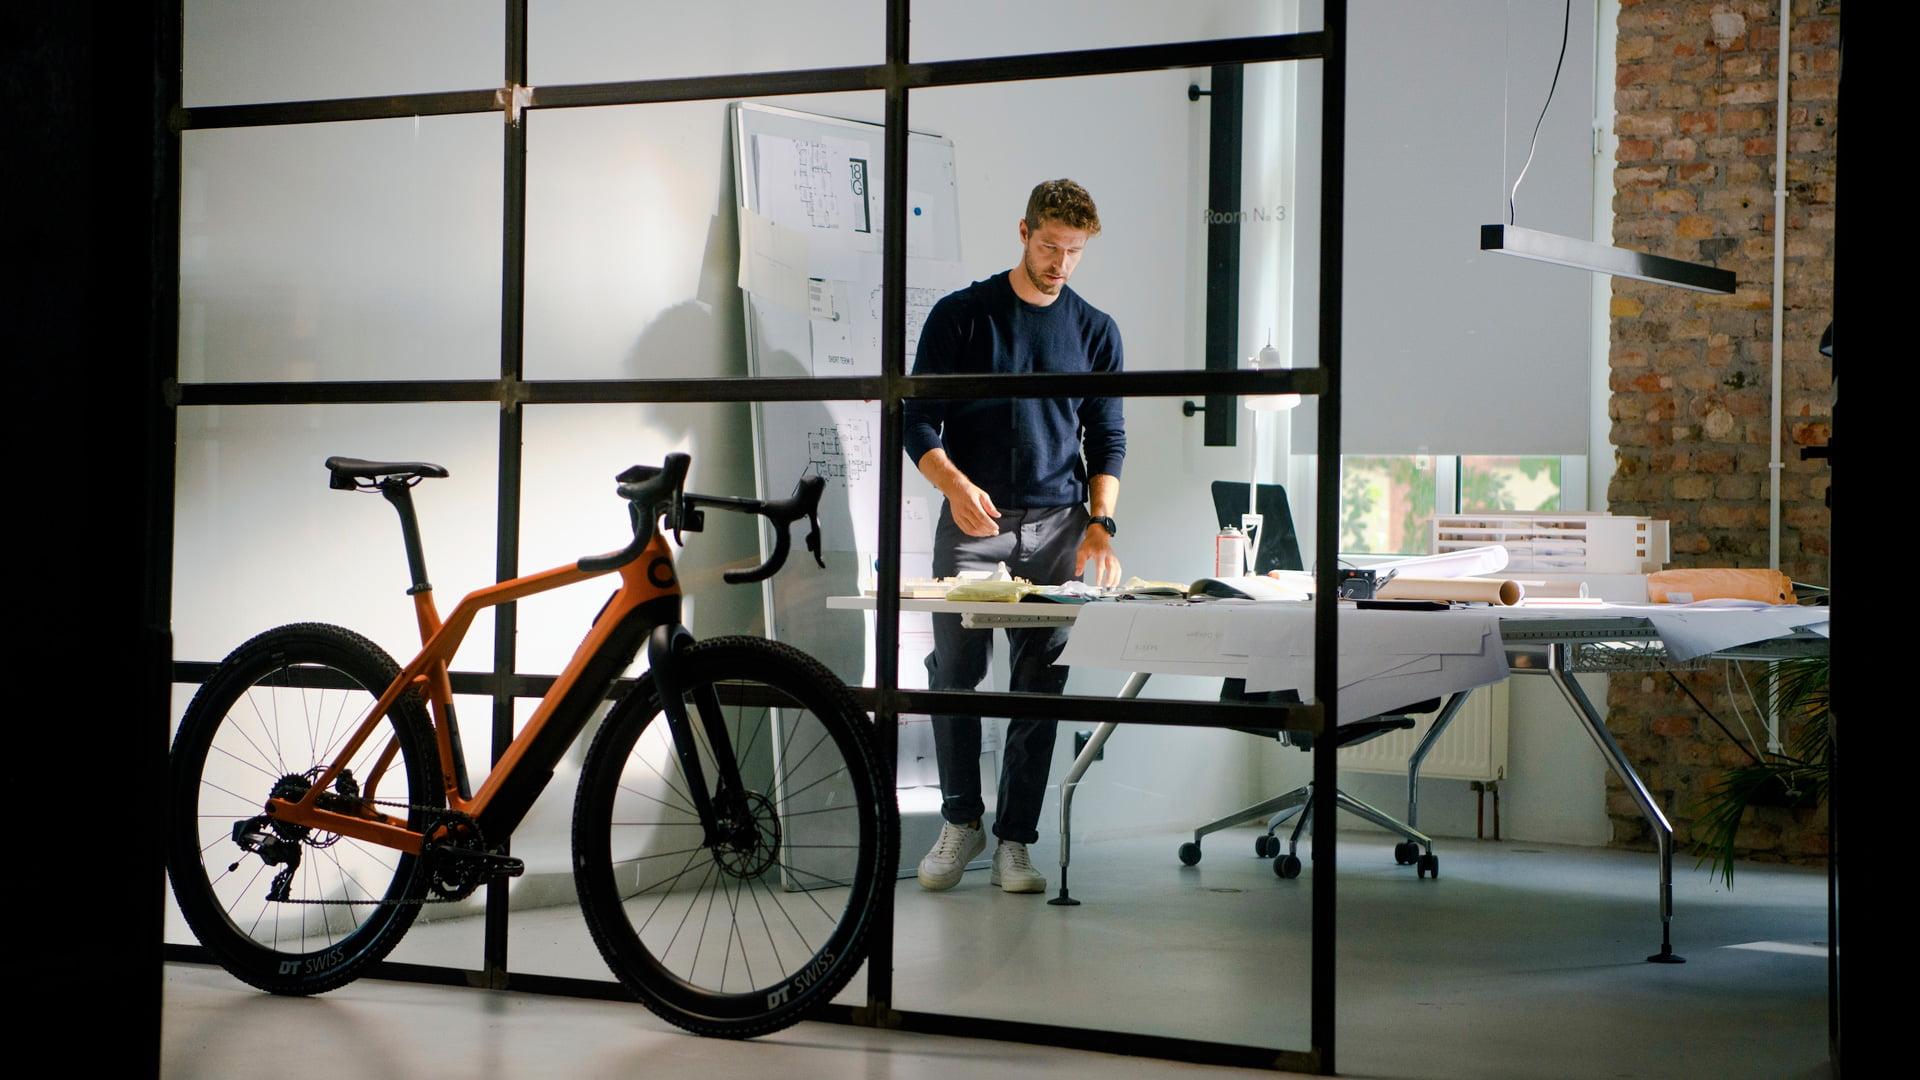 Con la nueva marca Cyklær, Porsche Digital amplía su cartera de productos